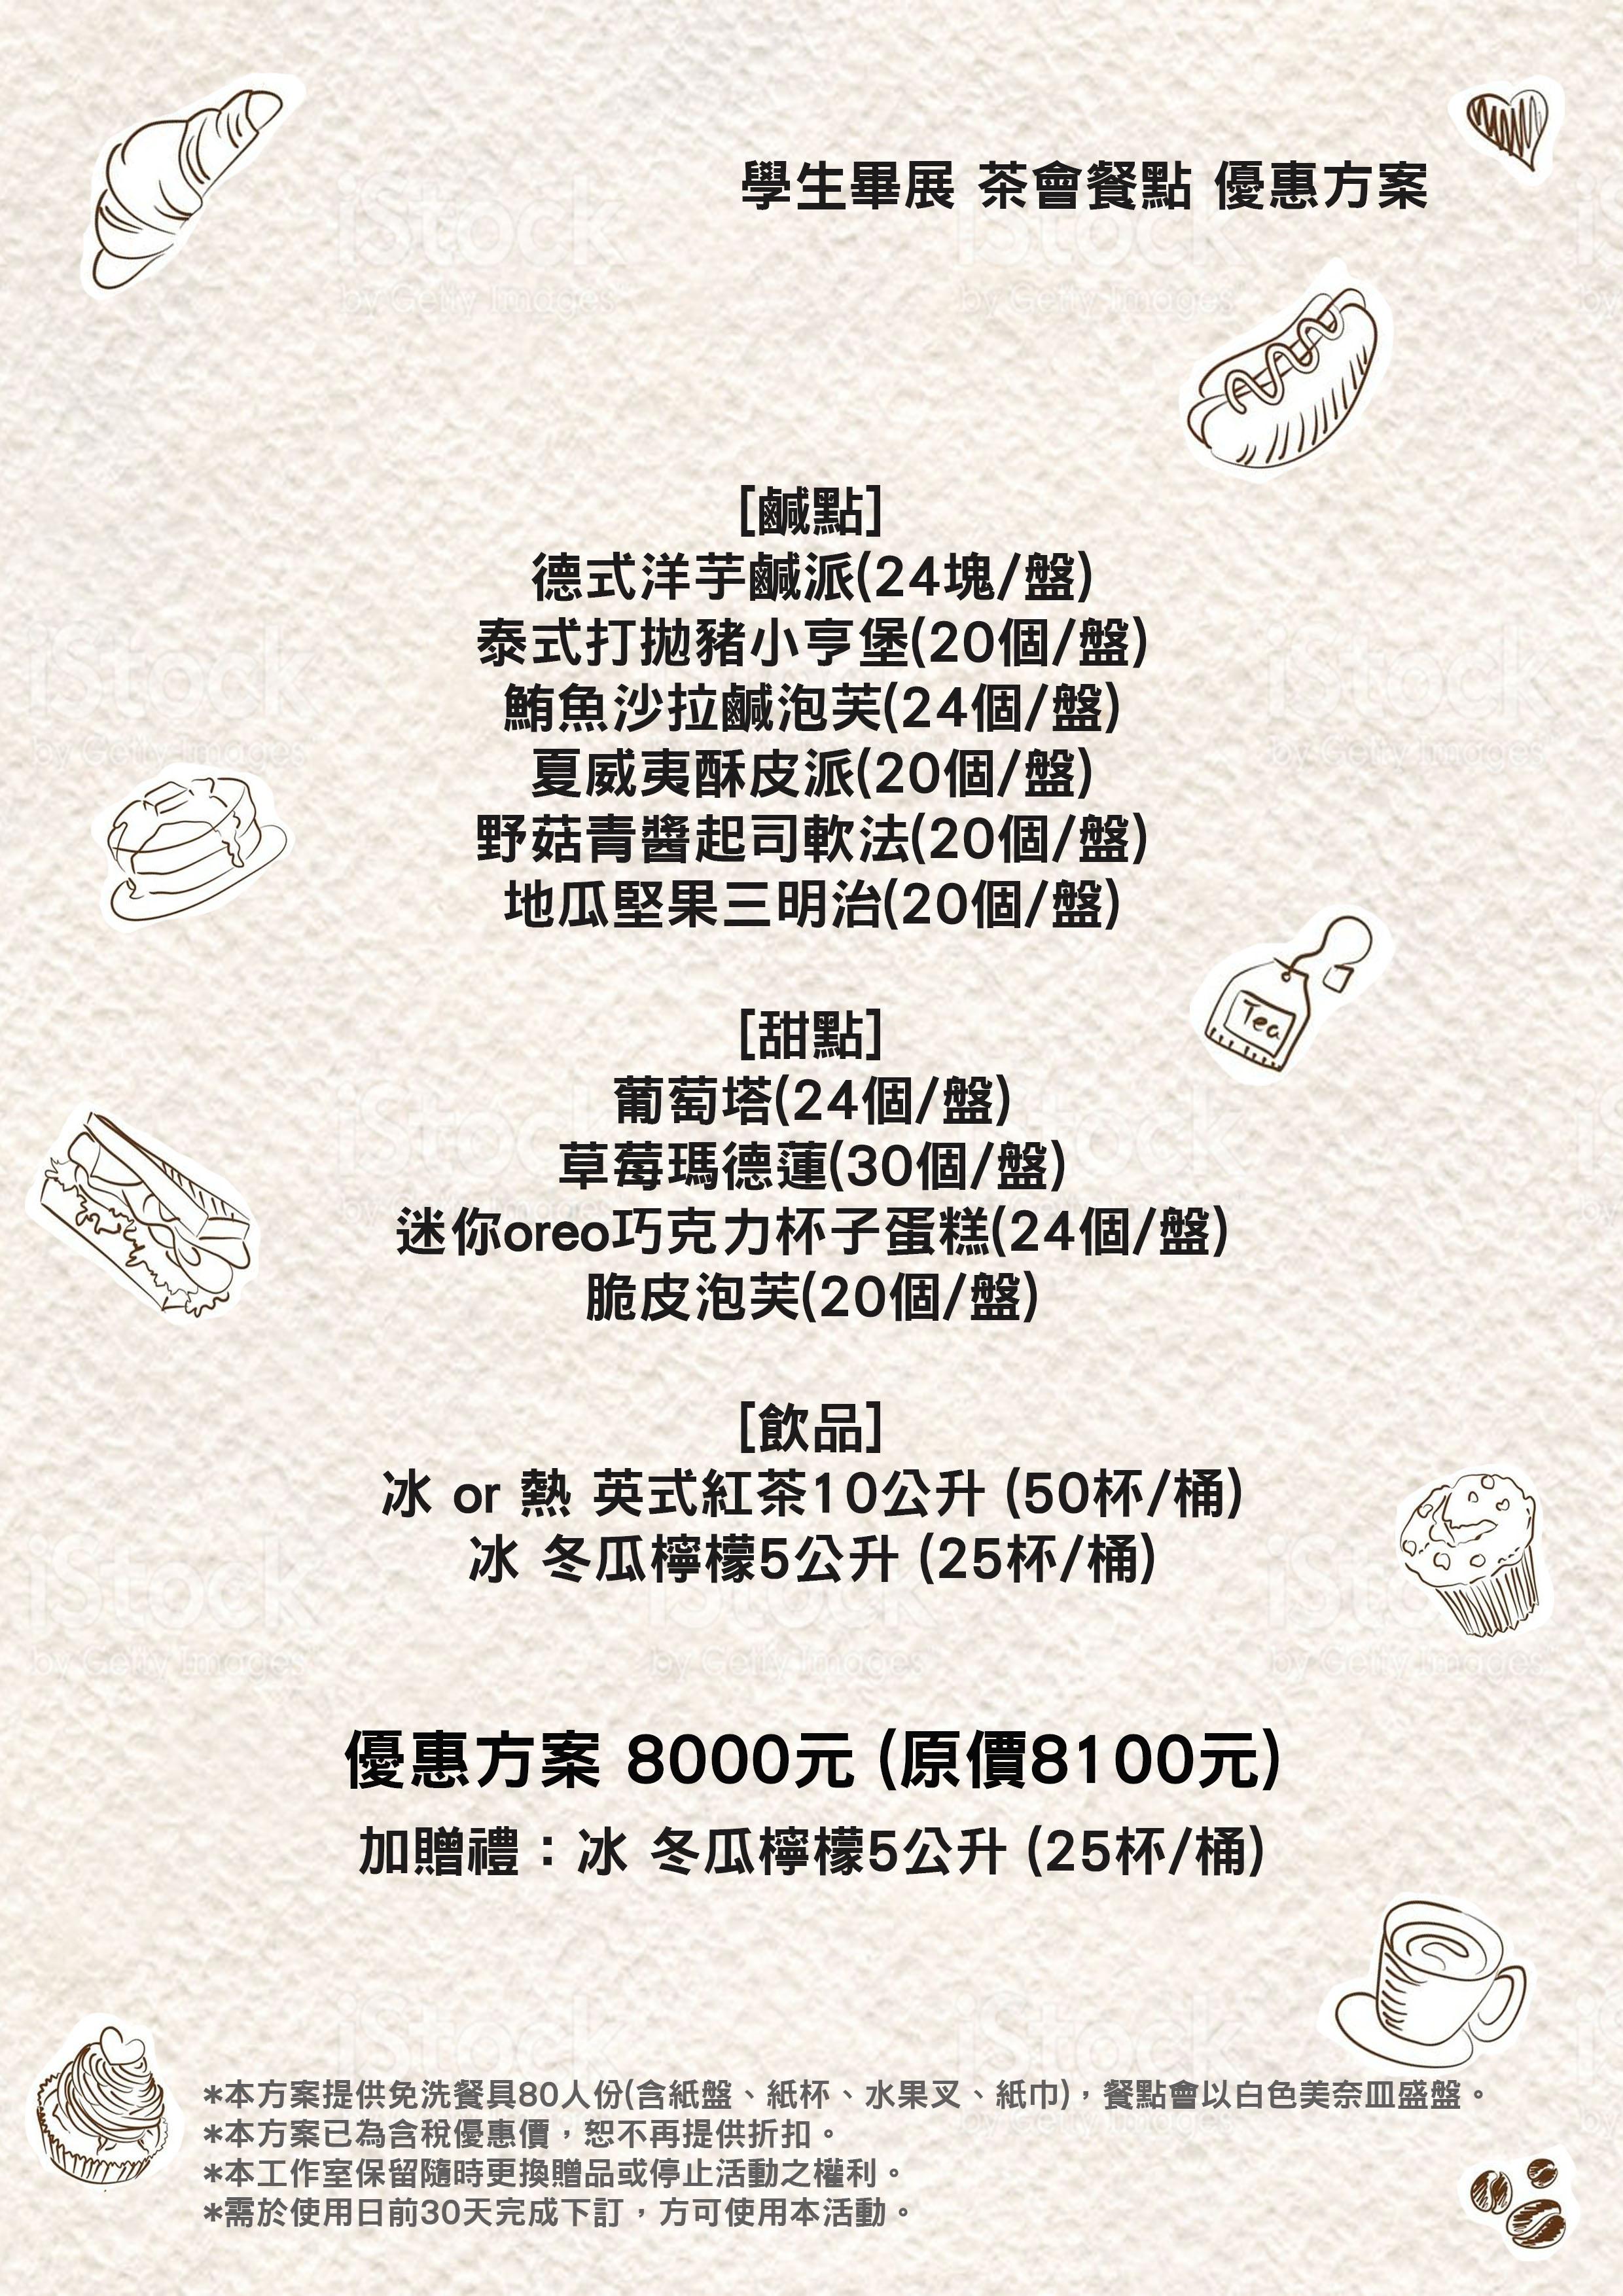 2019學生畢展茶會優惠方案 8000元.jpg